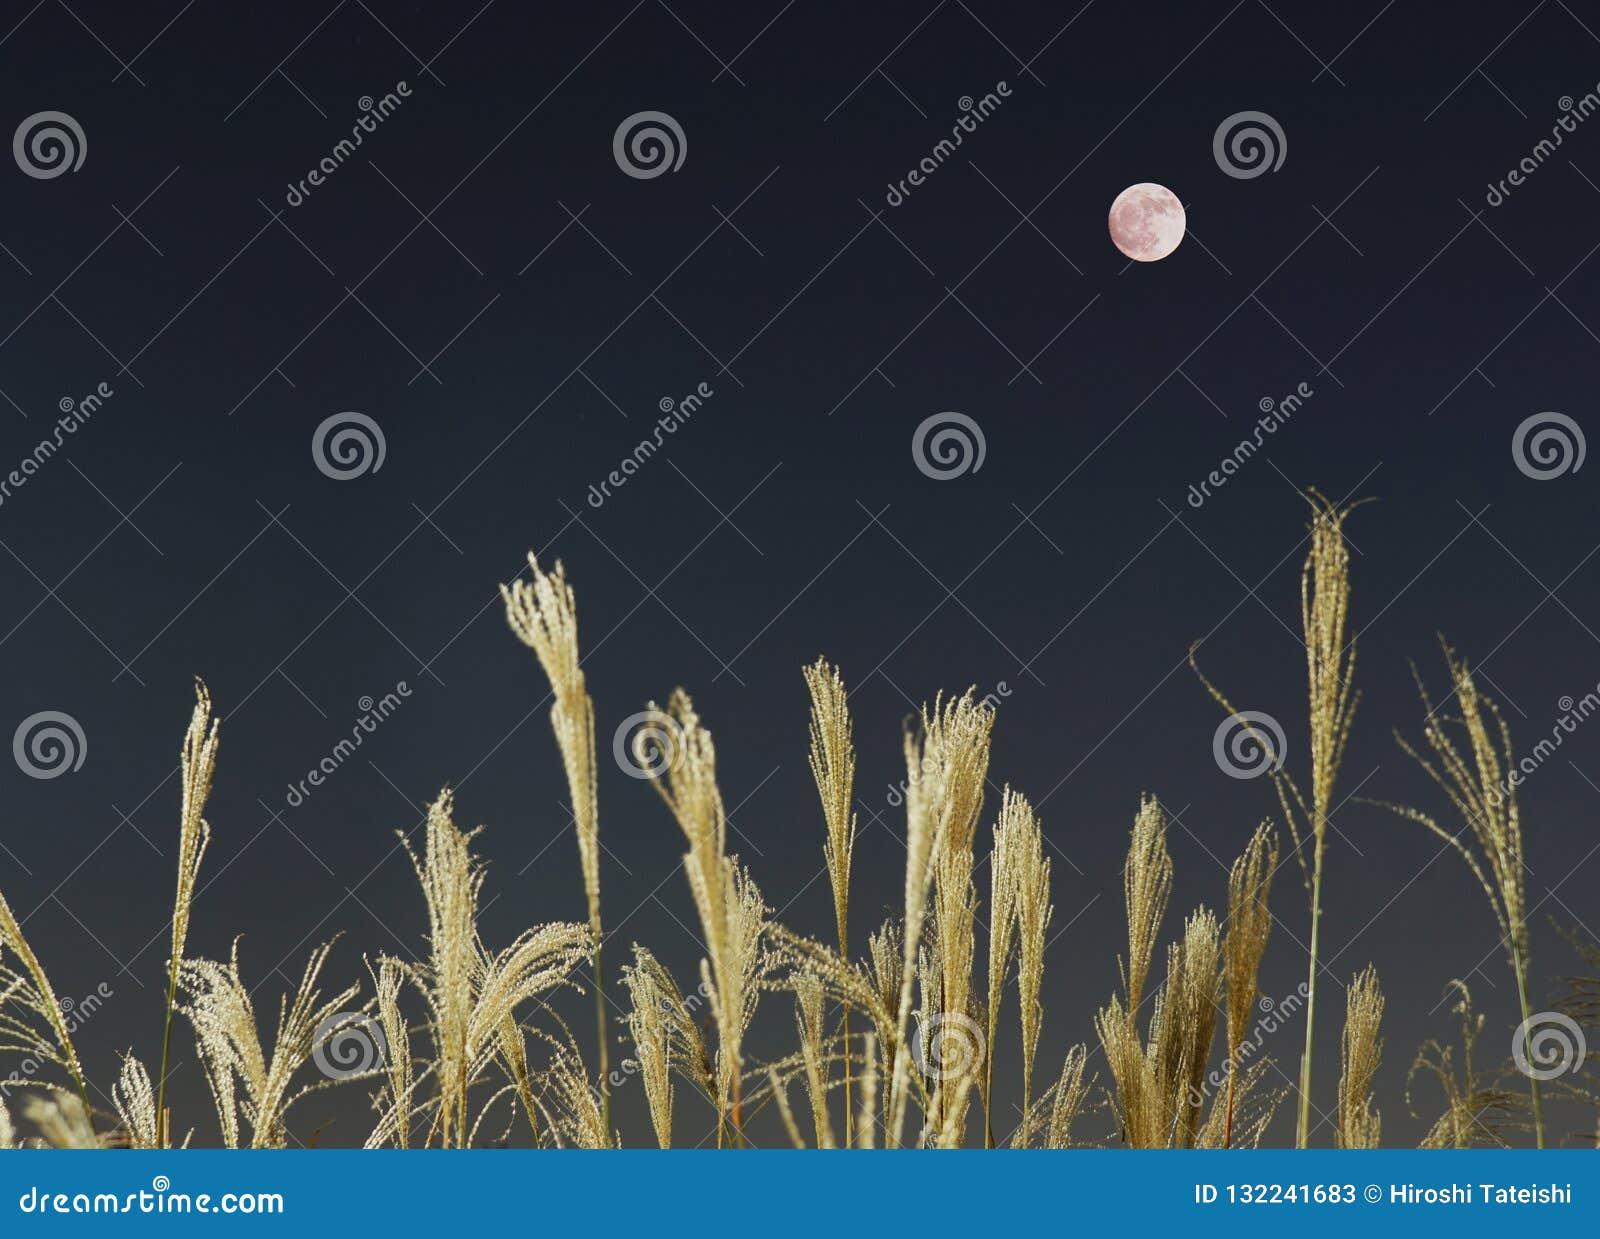 La Luna Llena y la hierba de plata en el otoño, que es una escena que hace que el pueblo japonés siente nostálgico